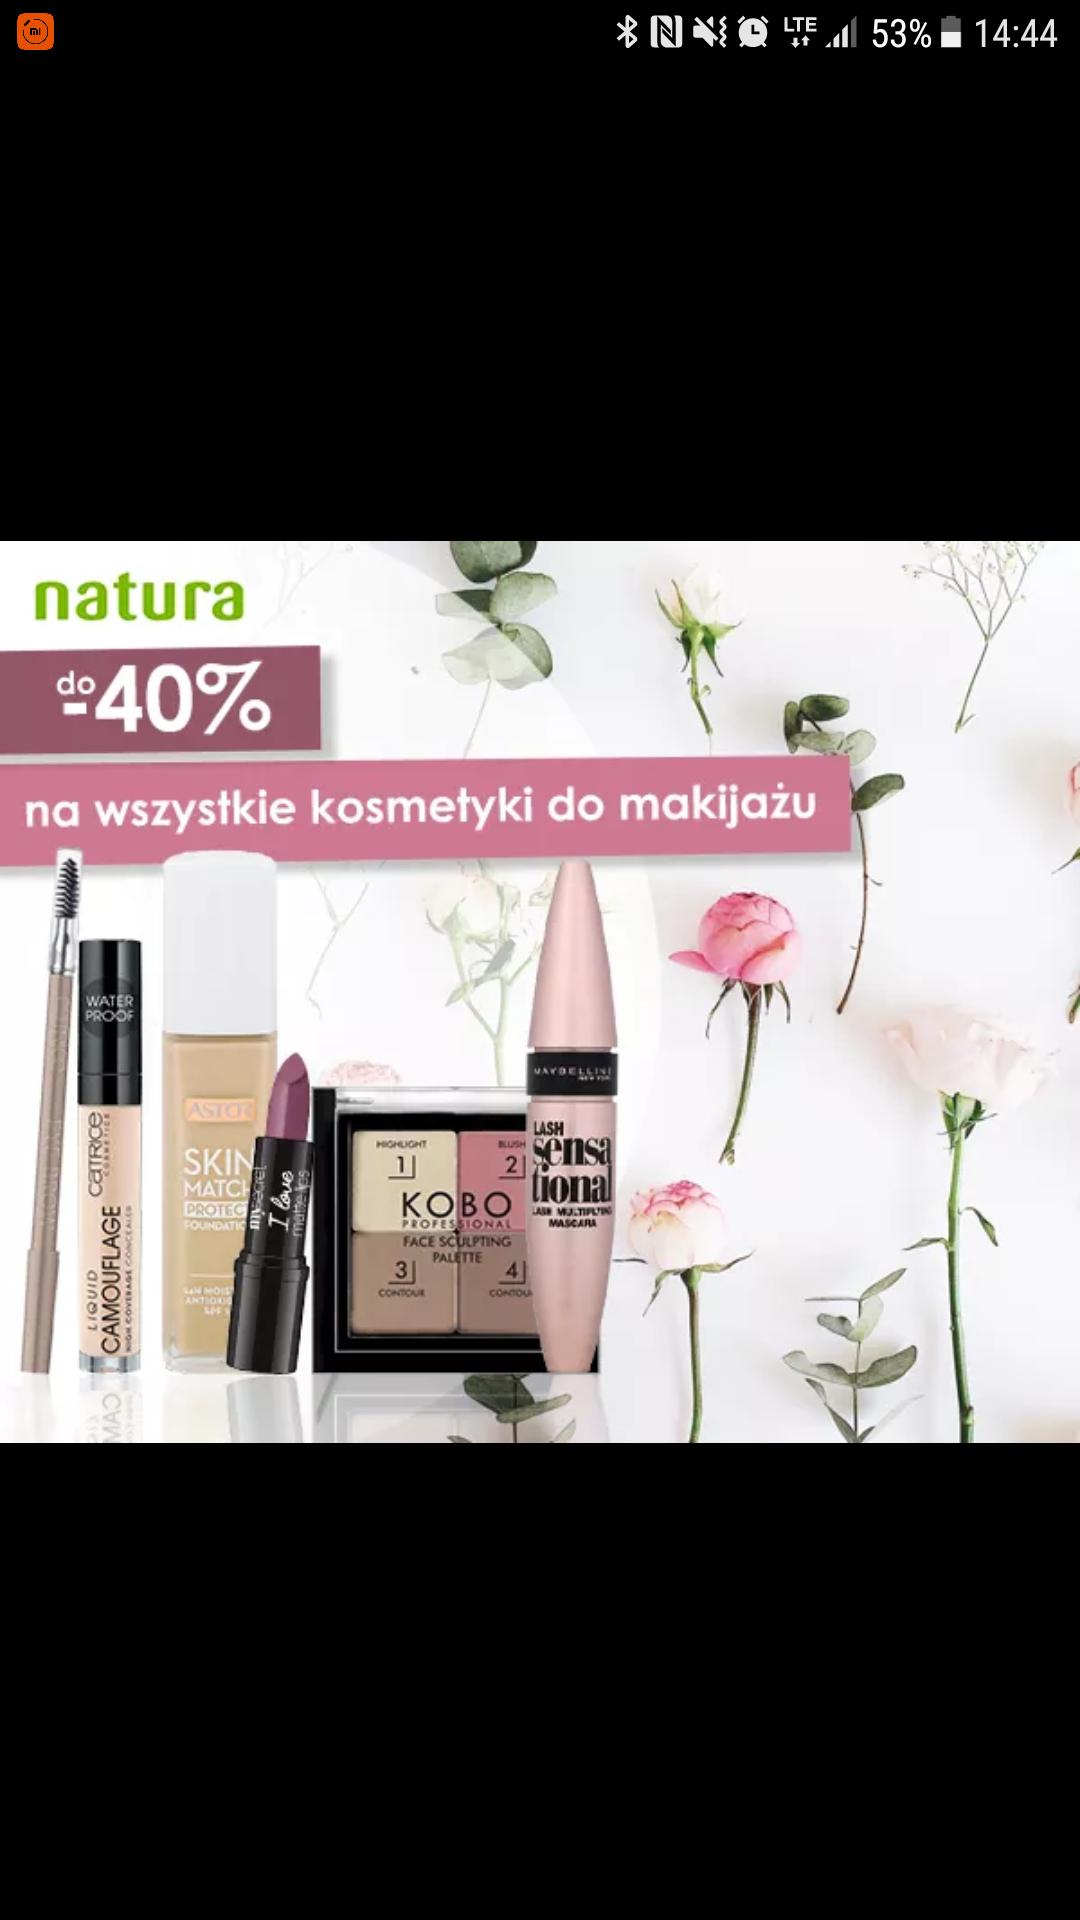 Do -40% na kosmetyki do makijażu